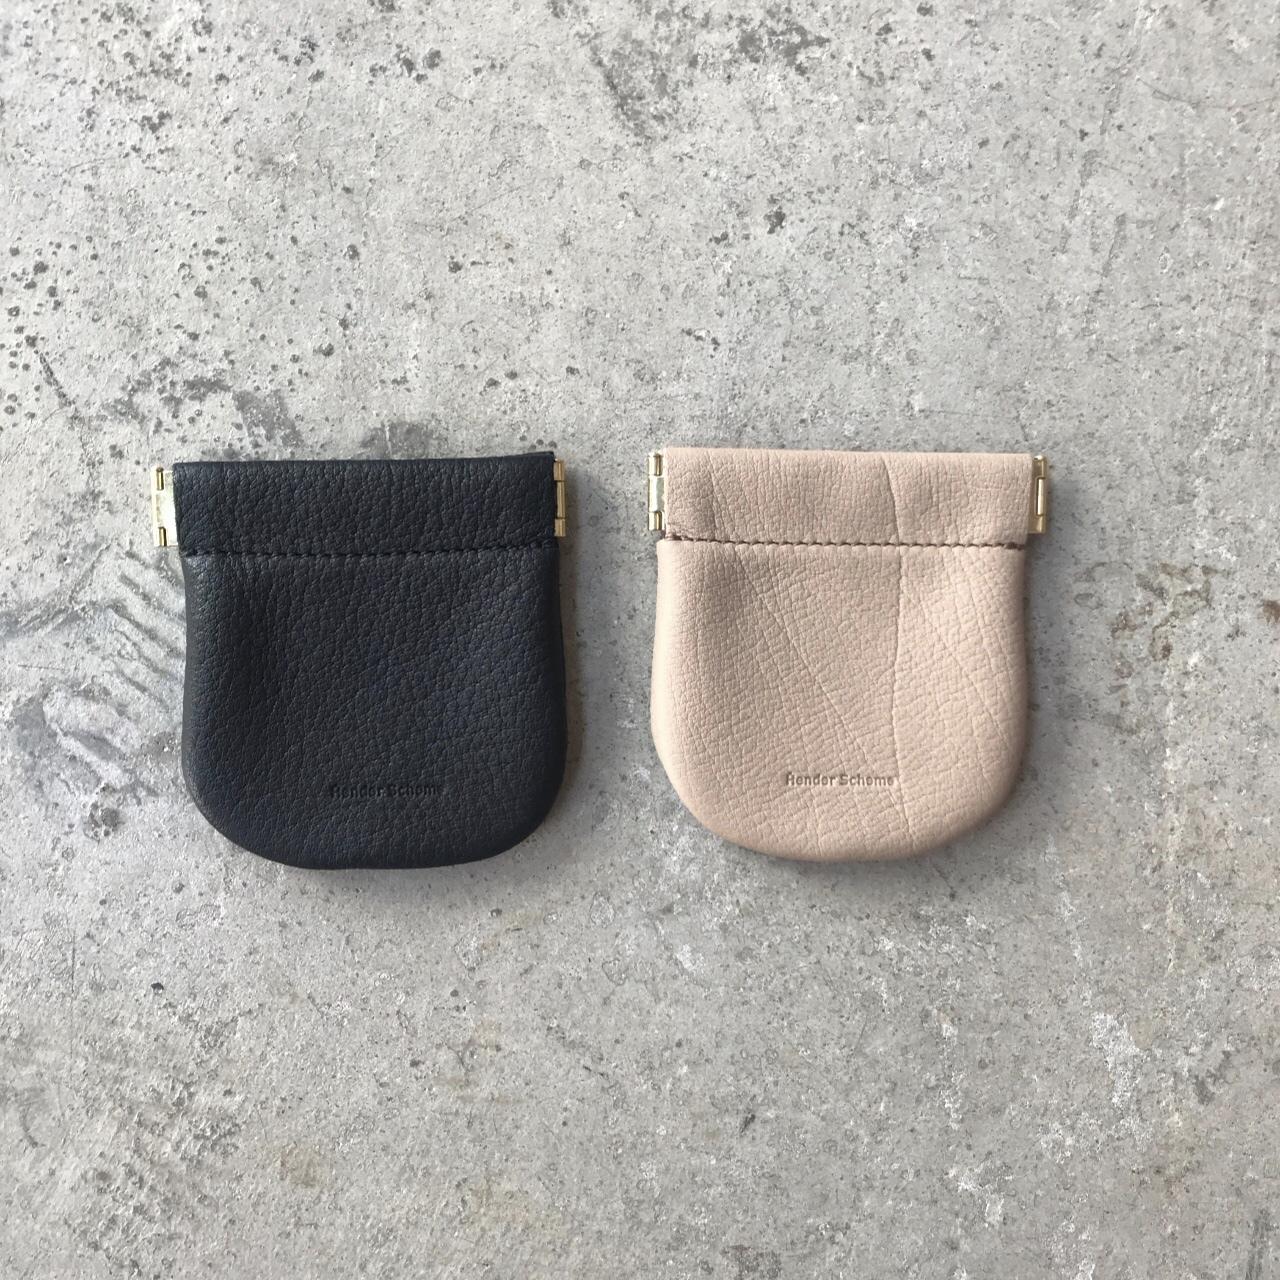 Hender Scheme - coin purse S